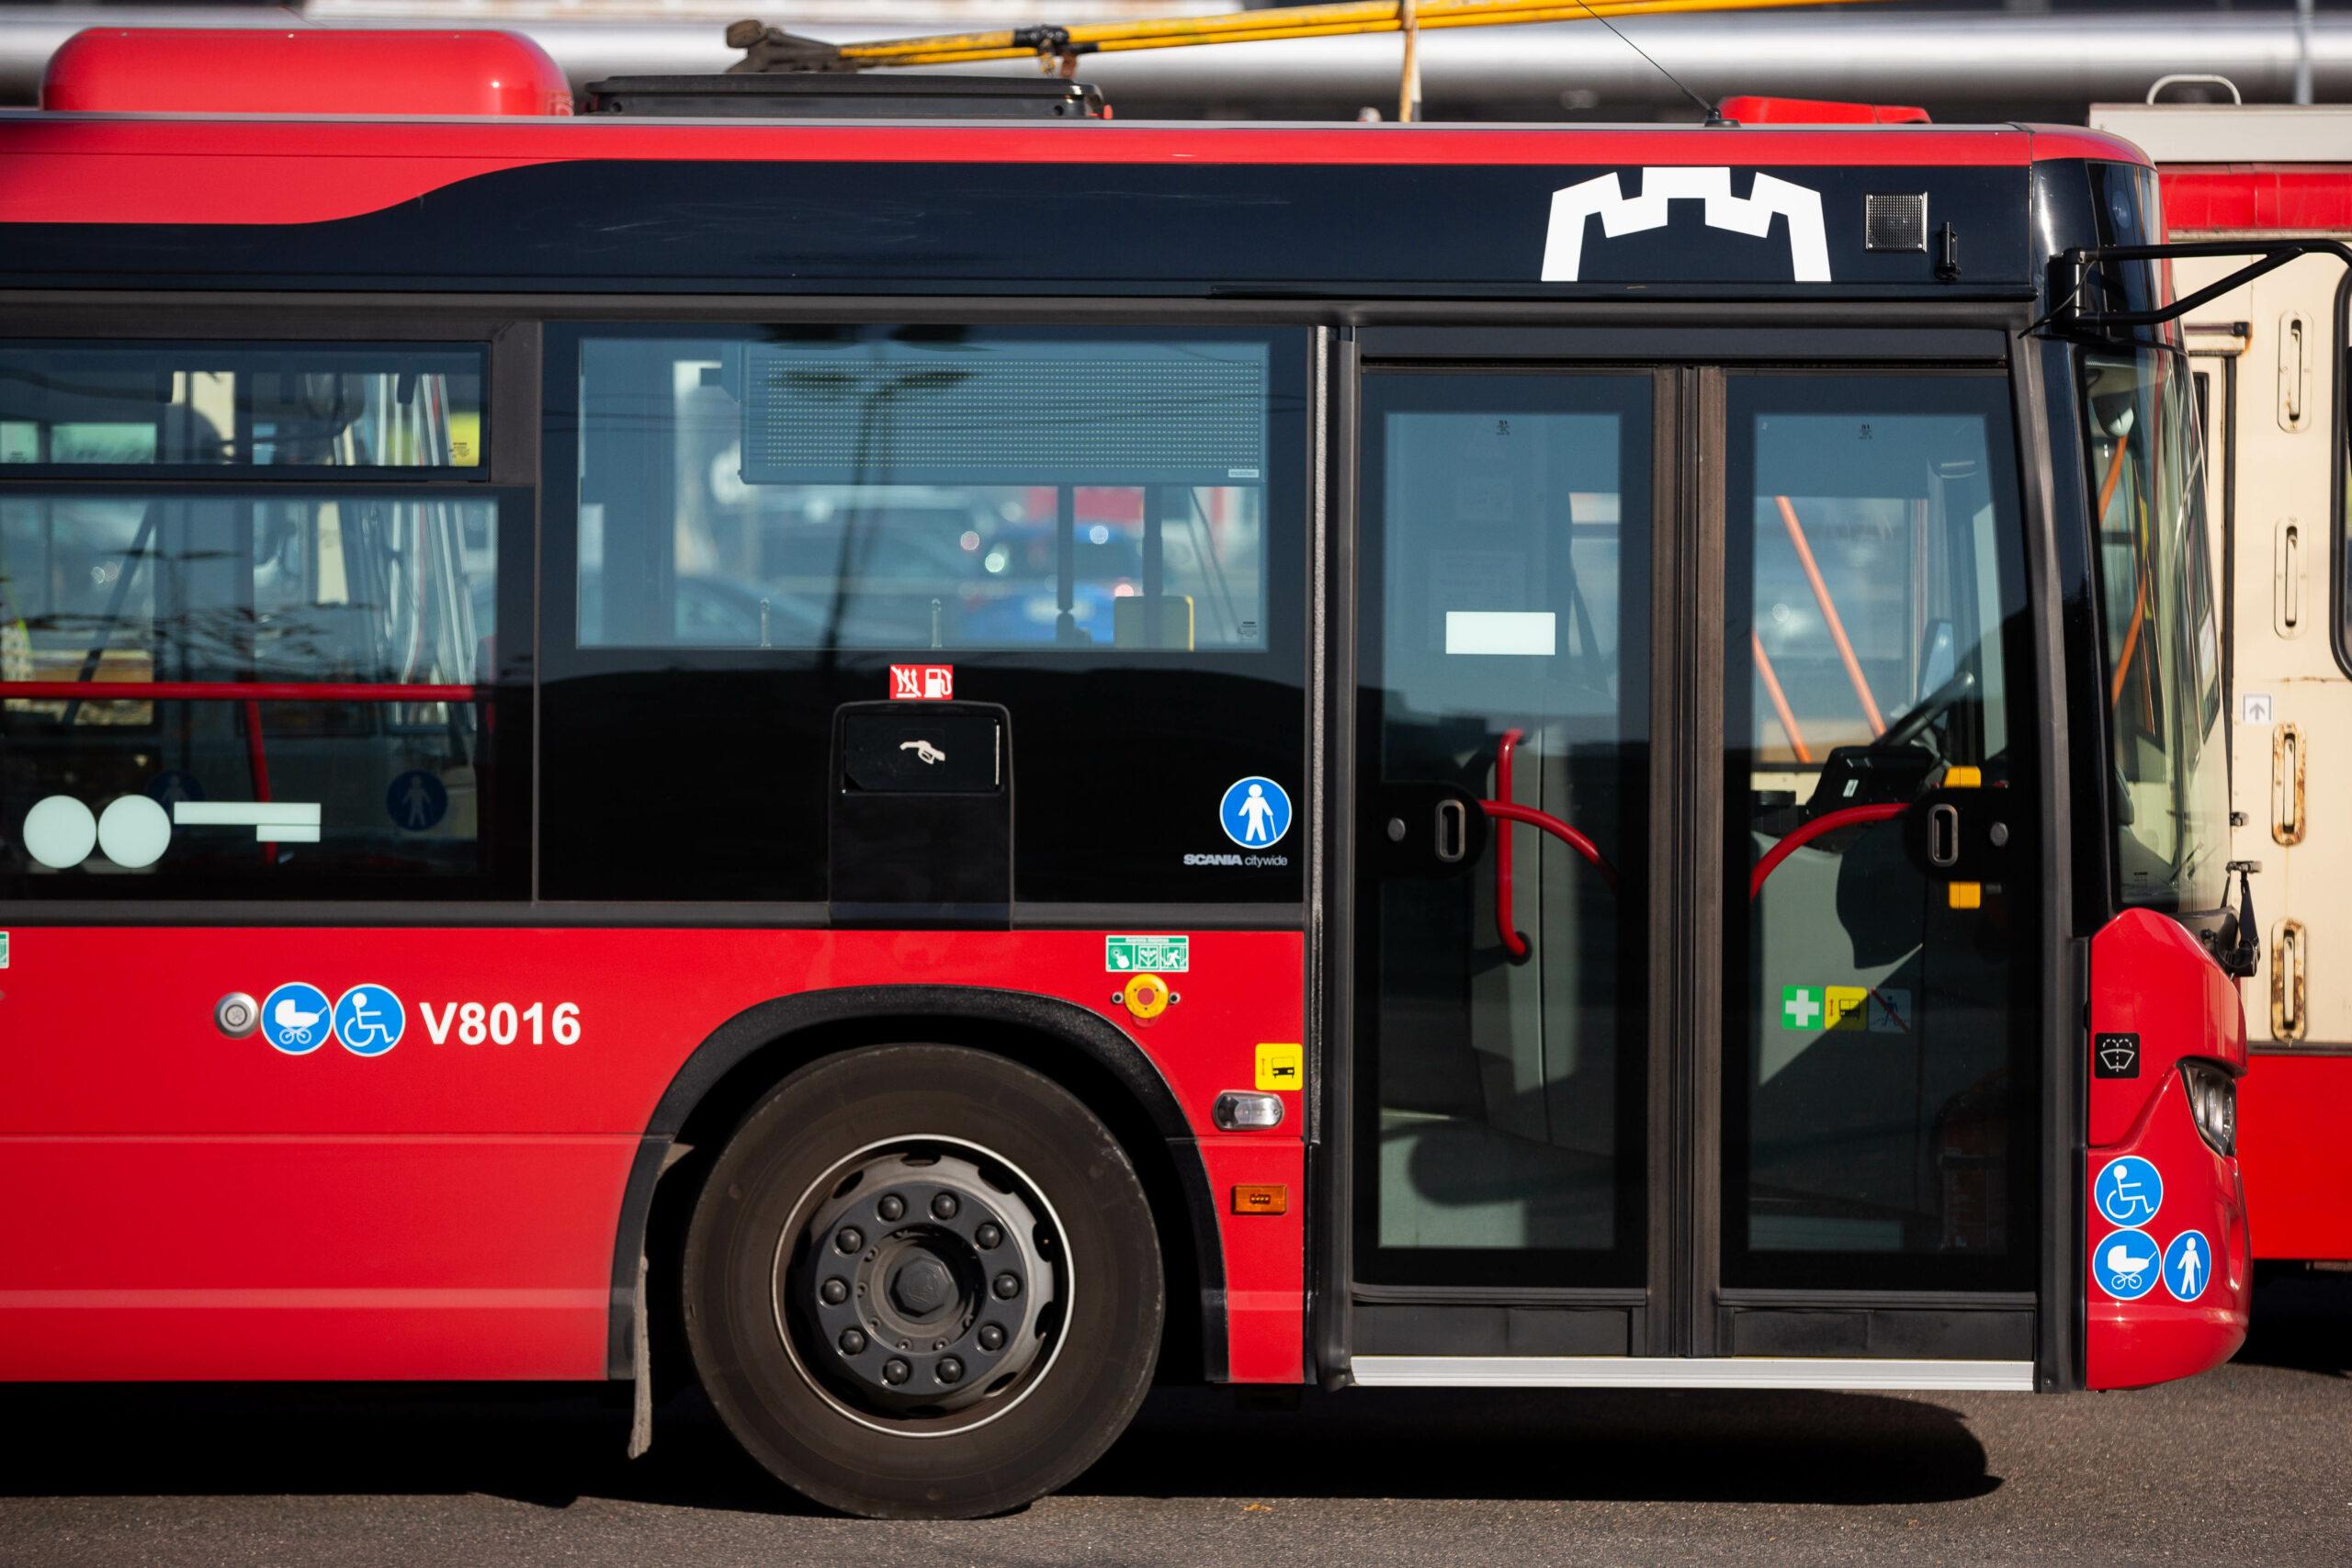 Spalio 23 d. draudžiamas eismas Polocko g., keisis 11 maršruto autobusų  trasa